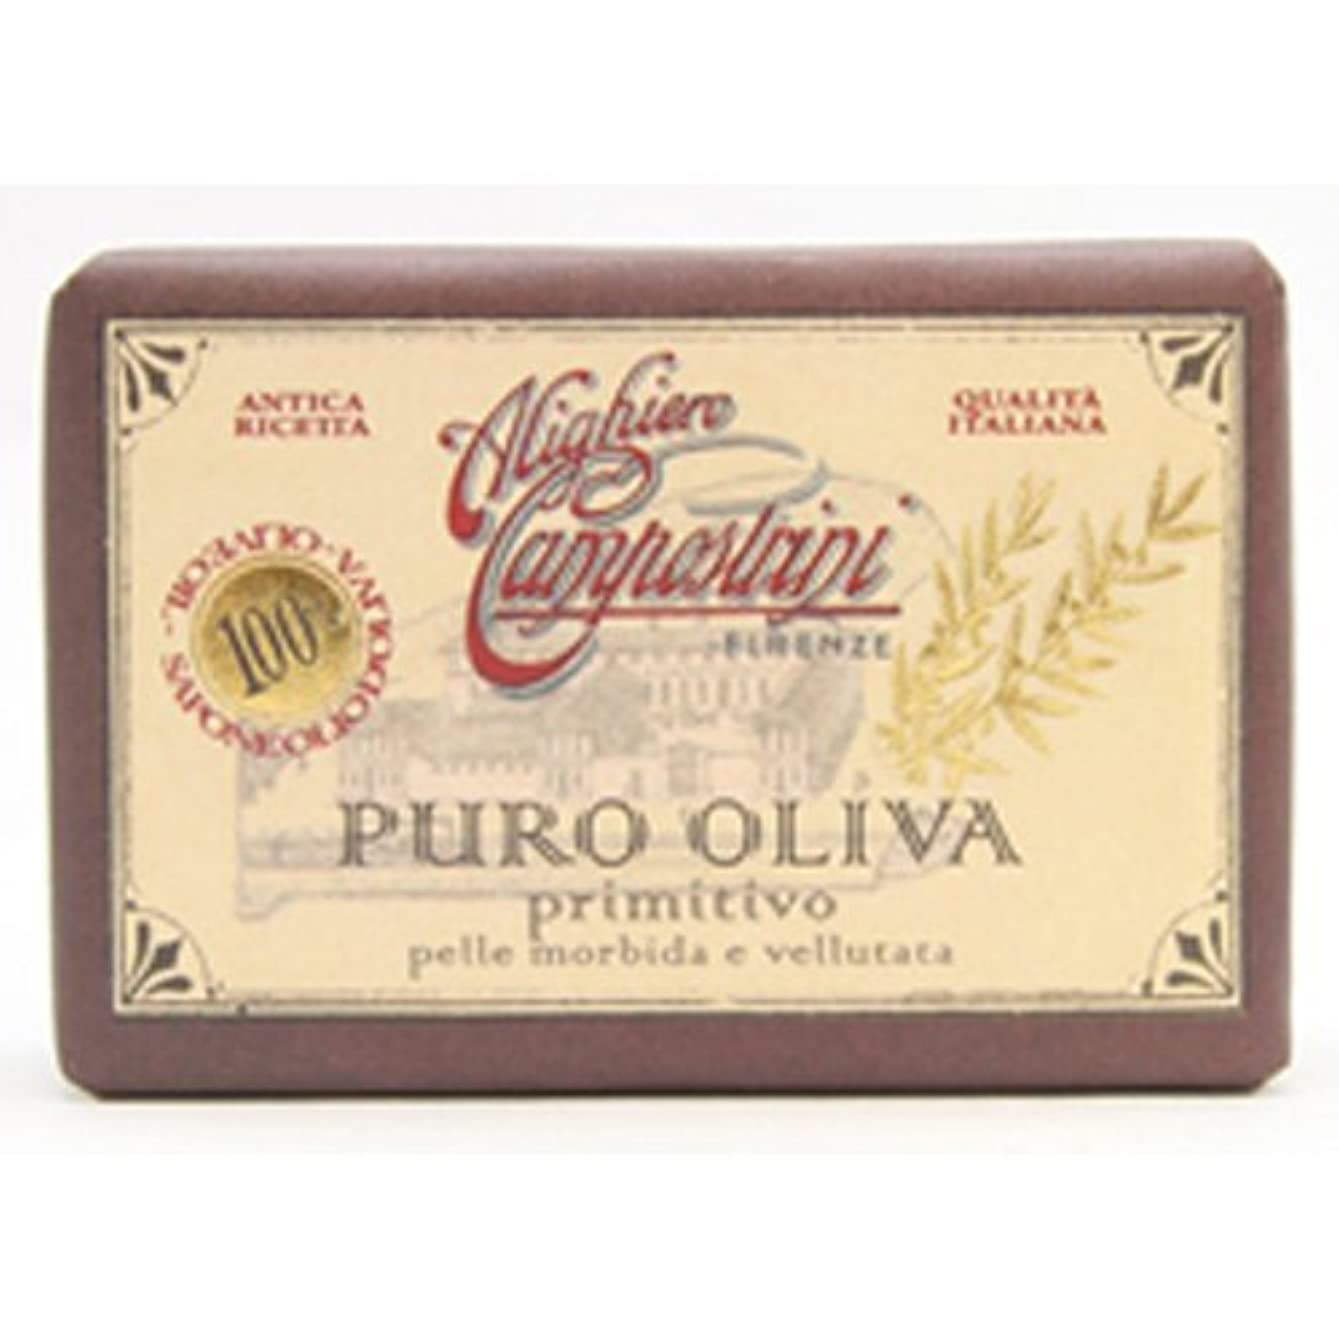 謙虚なクリック魔術Saponerire Fissi サポネリーフィッシー PURO OLIVA Soap オリーブオイル ピュロ ソープ primitivo オリジナル 150g